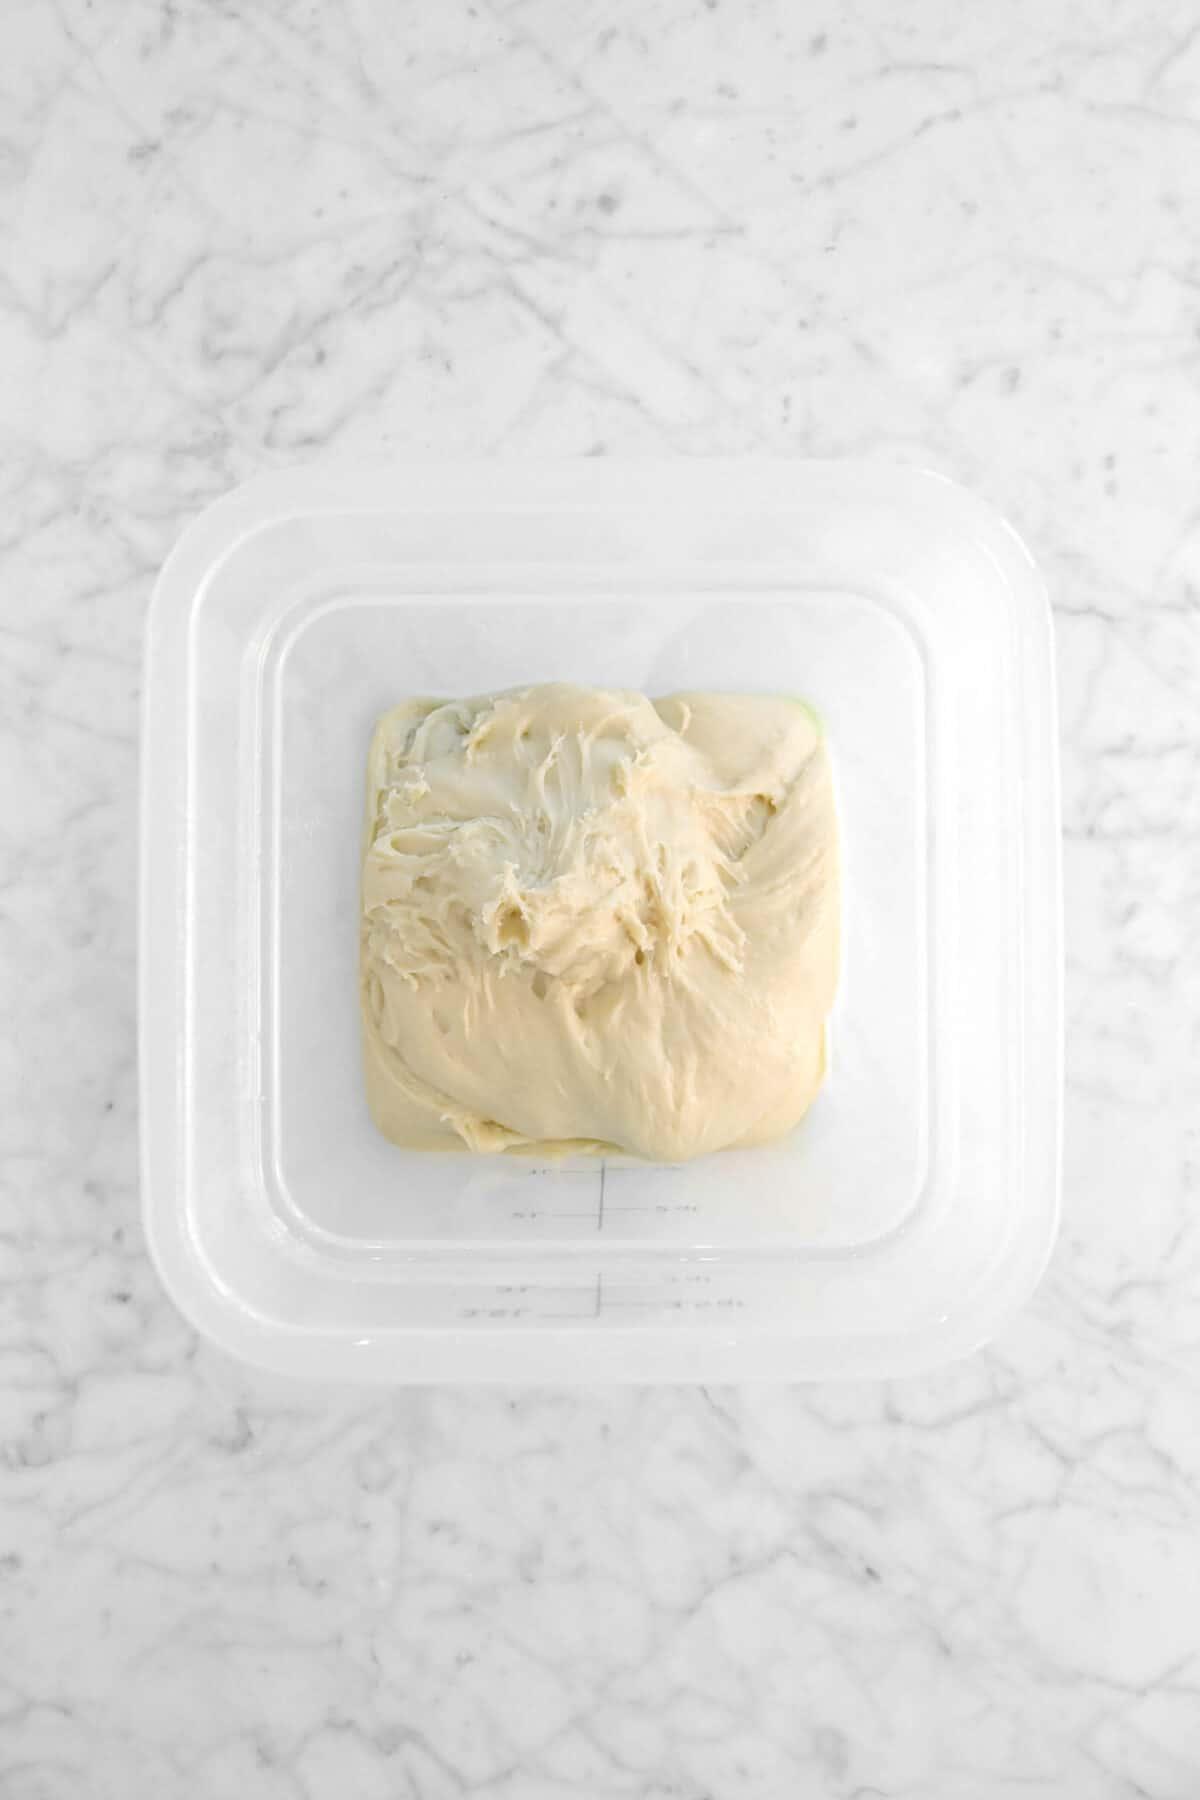 dough in plastic bucker